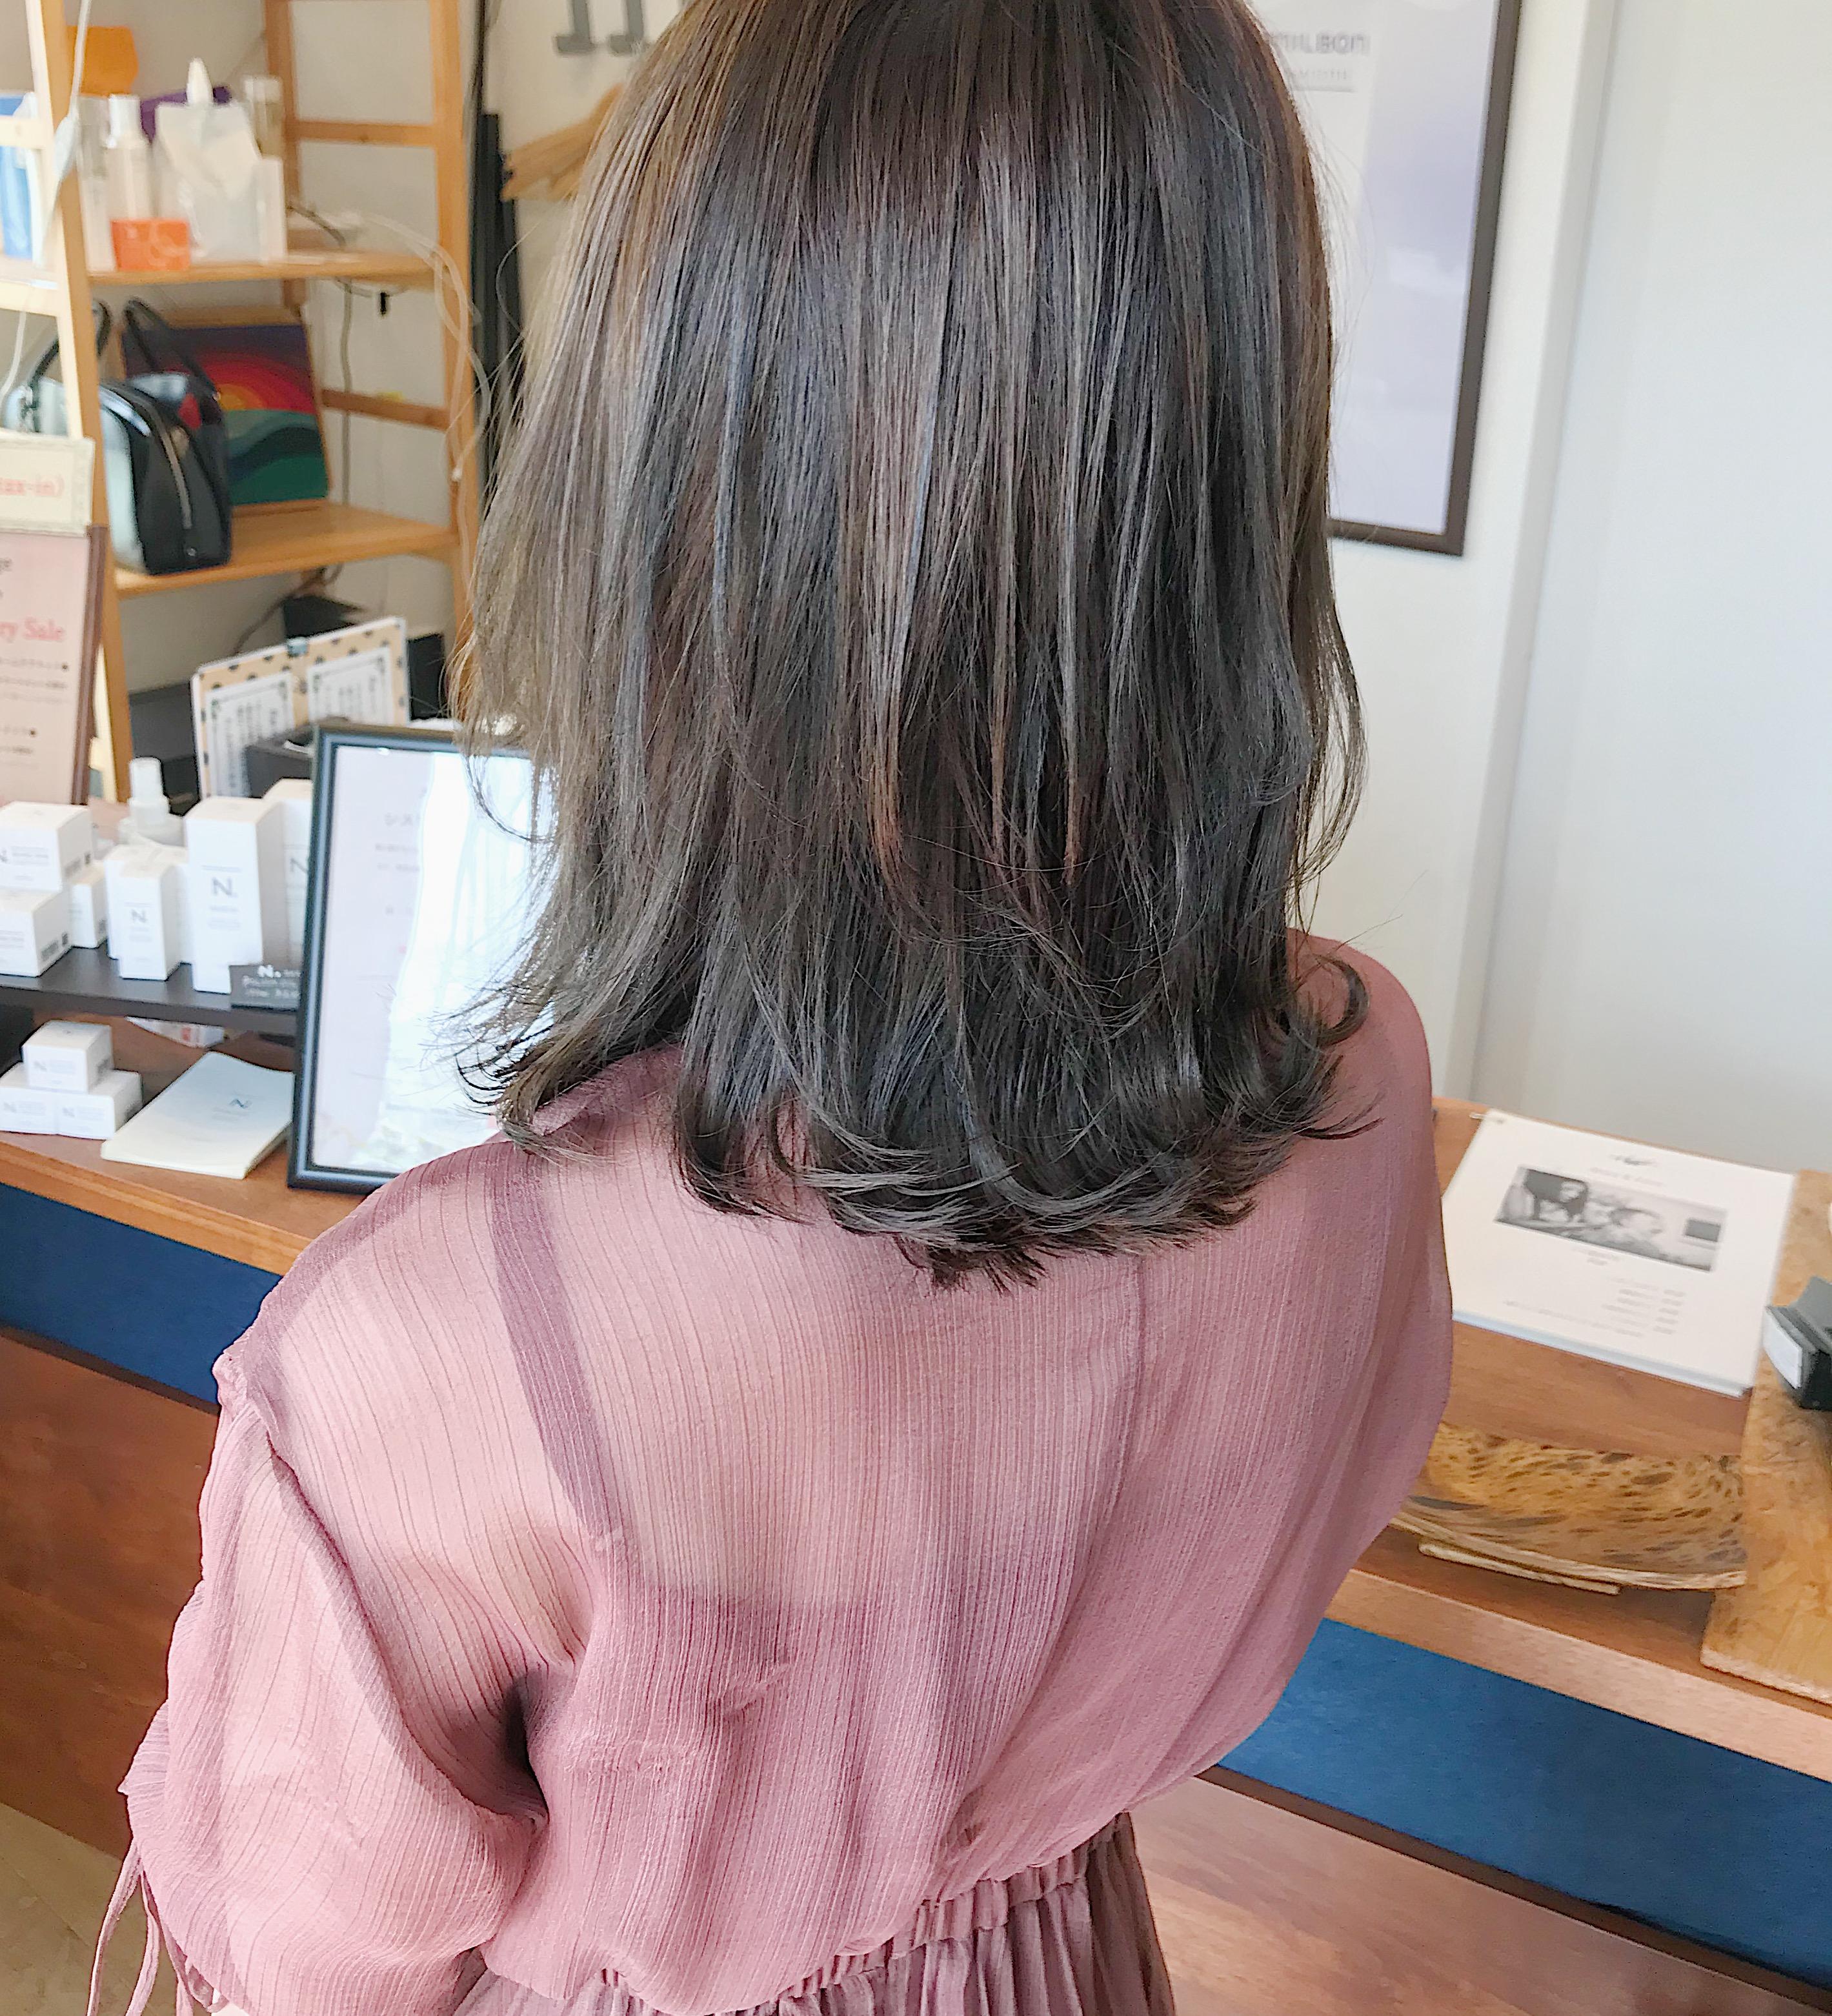 レイヤー ミディアム 【2021年夏】どれが好み?ミディアム レイヤーボブのヘアスタイル・髪型・ヘアアレンジ一覧 BIGLOBE